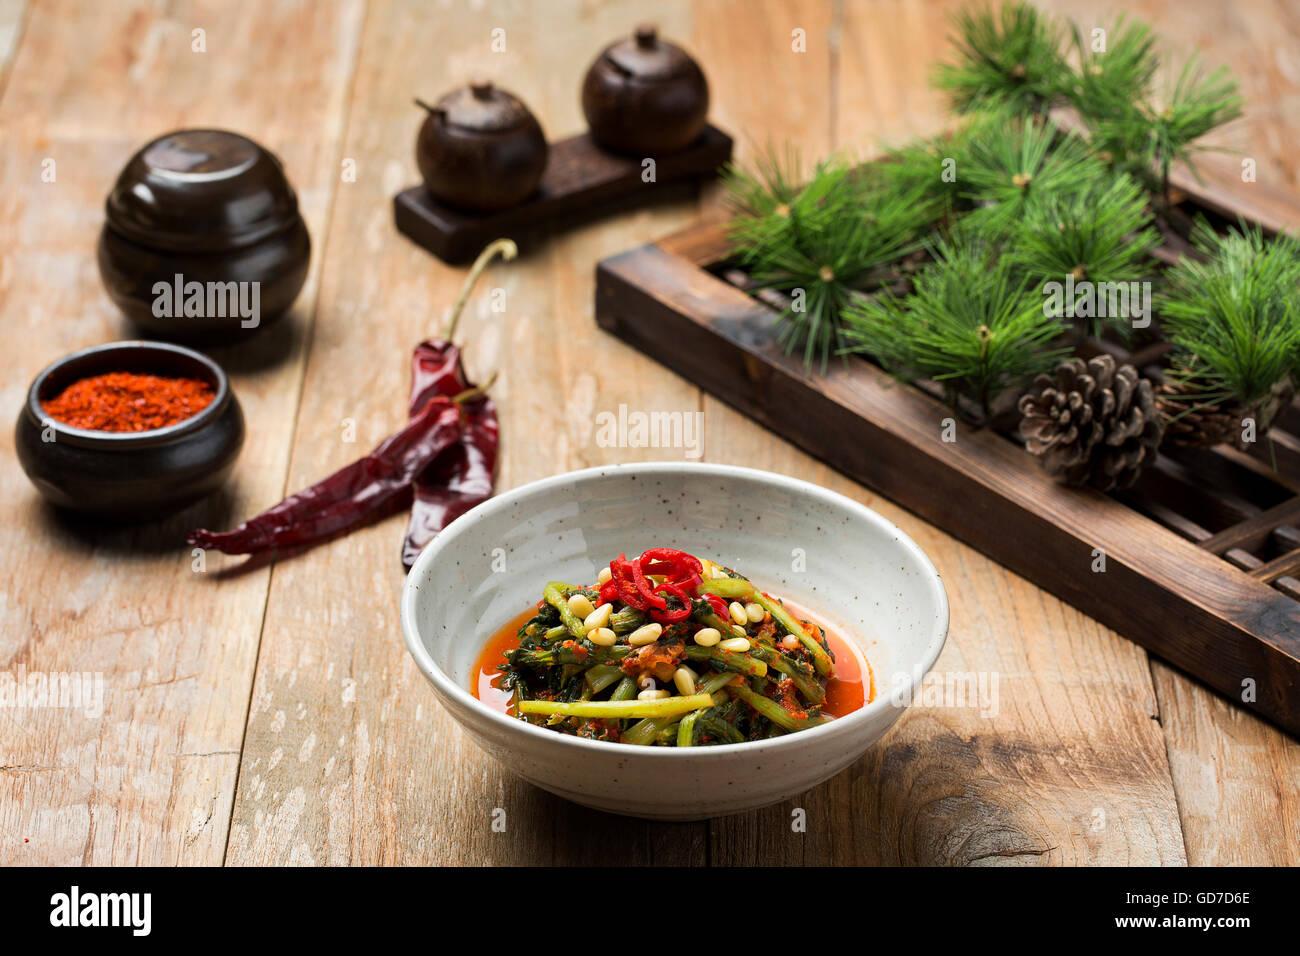 La nourriture traditionnelle coréenne - Kimchi (radis marinés fermentés/les jeunes, Cuisine asiatique) Photo Stock